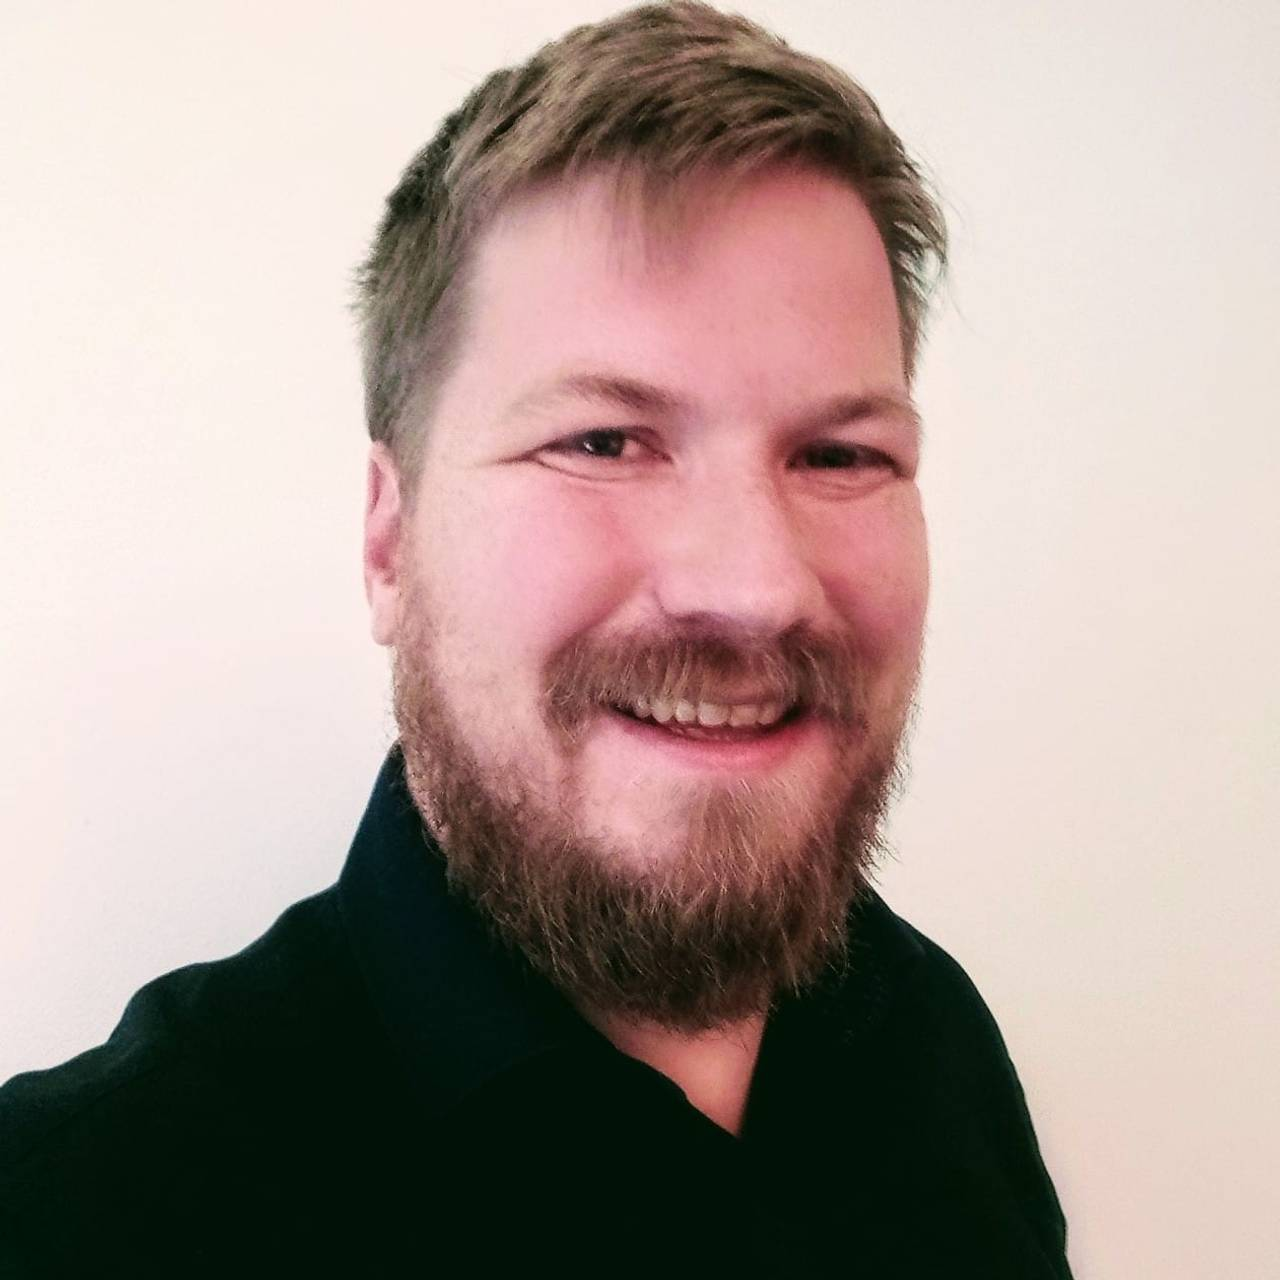 Bilde av Daniel Fjellvang Kåven (39)